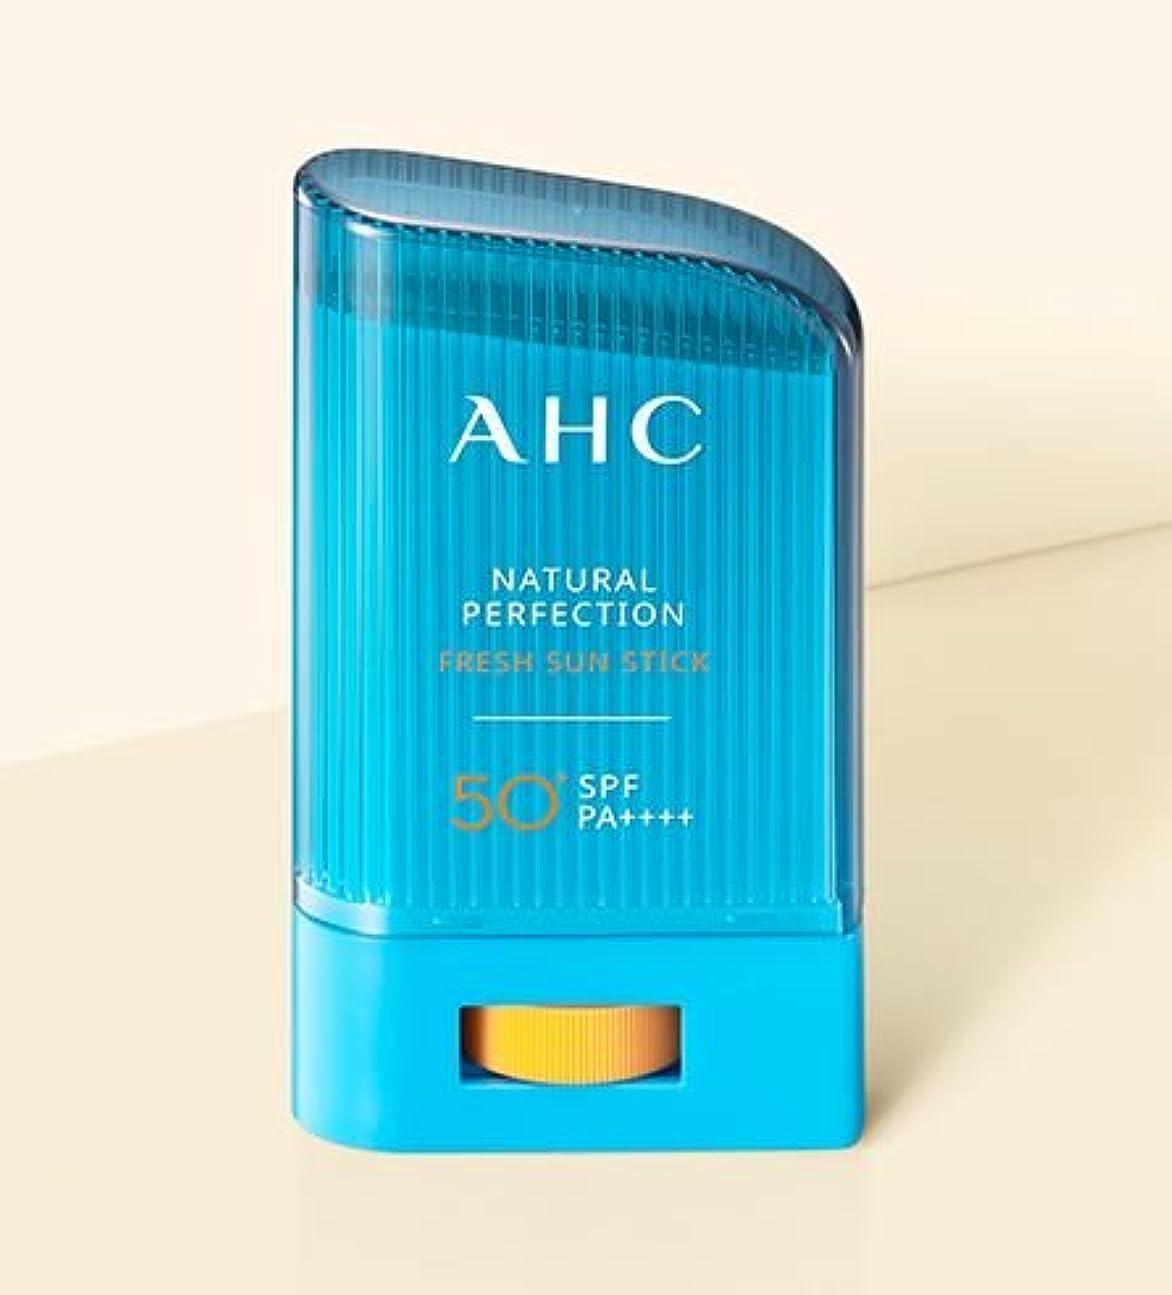 エンターテインメント銀行市場AHC Natural perfection fresh sun stick (22g) [並行輸入品]